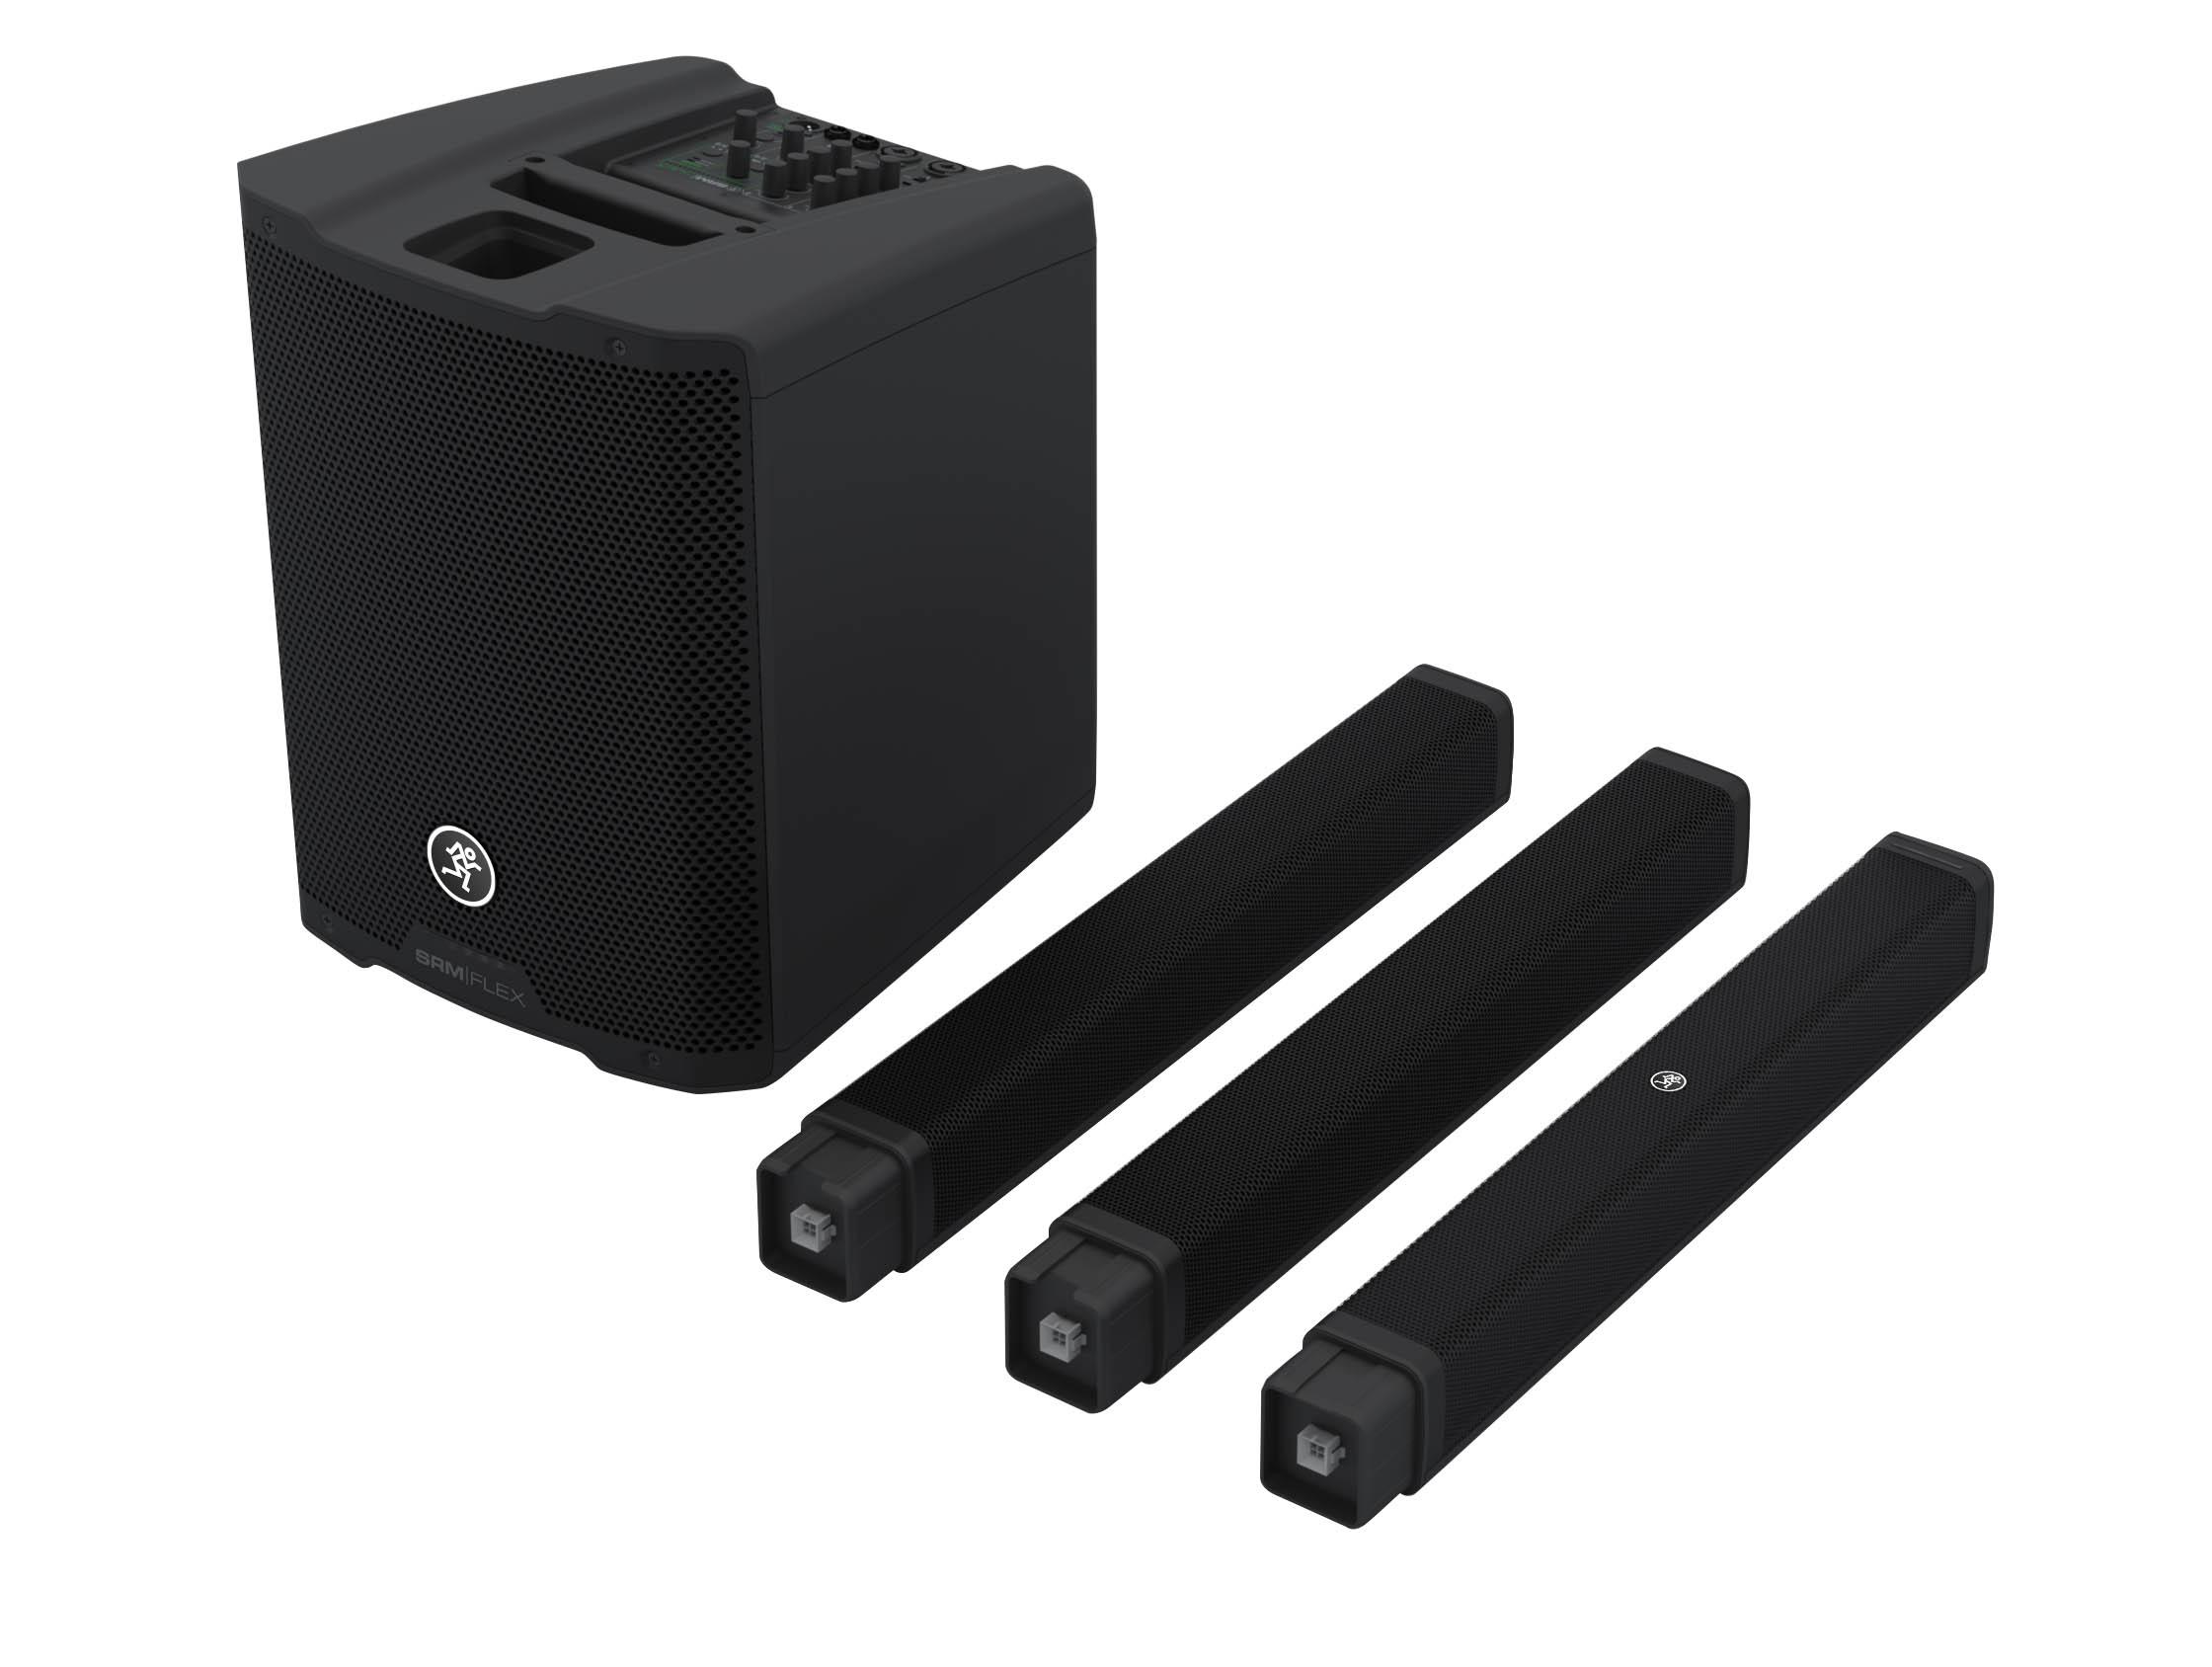 Mackie stellt SRM-Flex als Neuzugang im Bereich portabler PA-Systeme vor